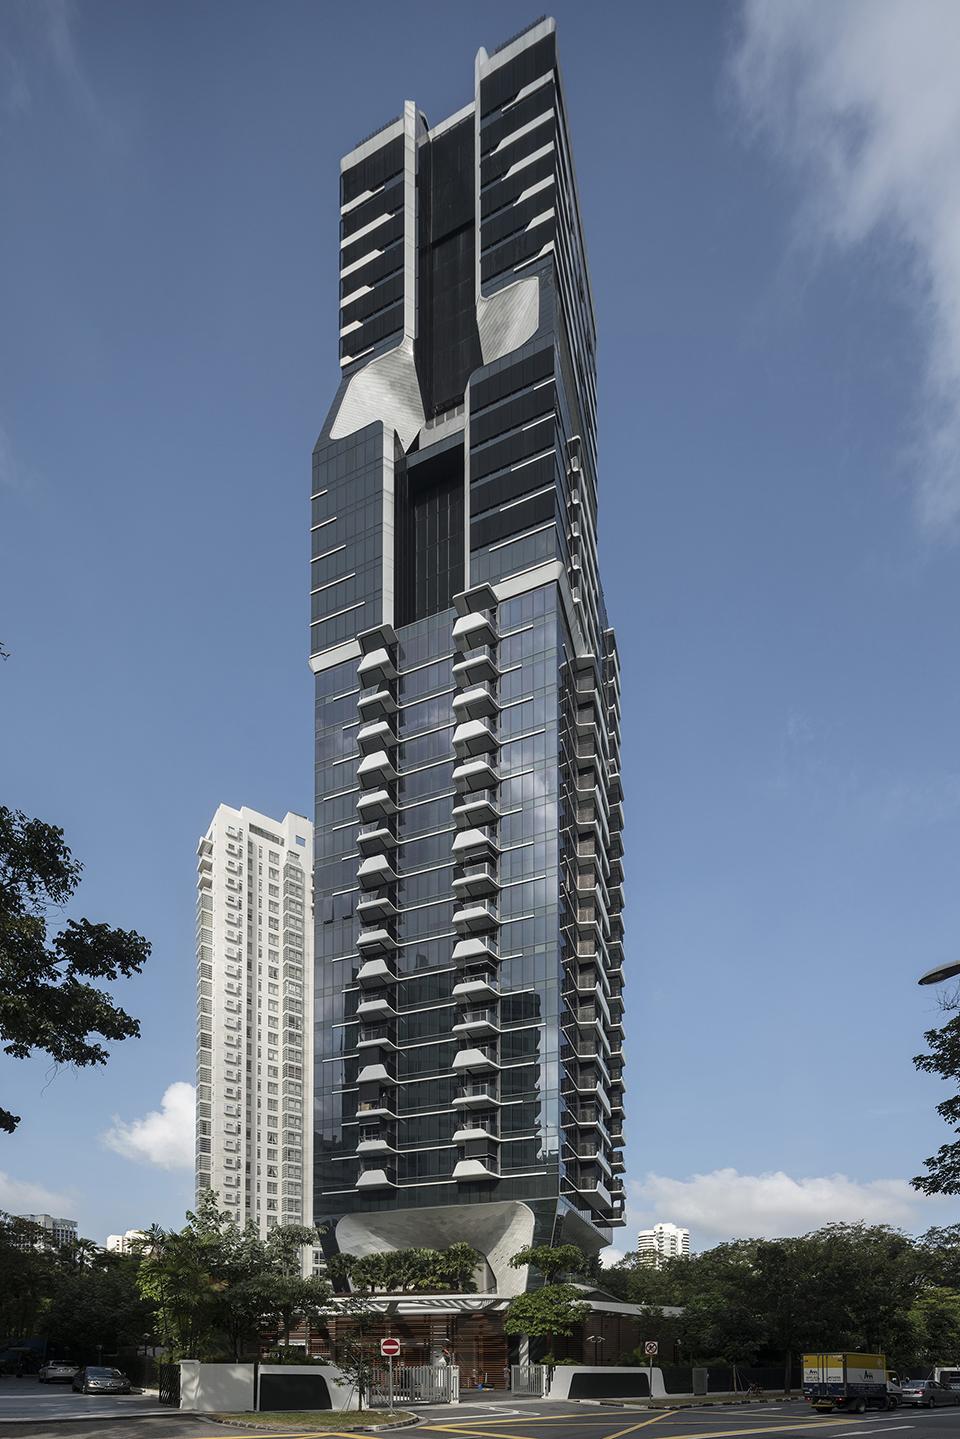 新加坡Scotts大楼建筑设计